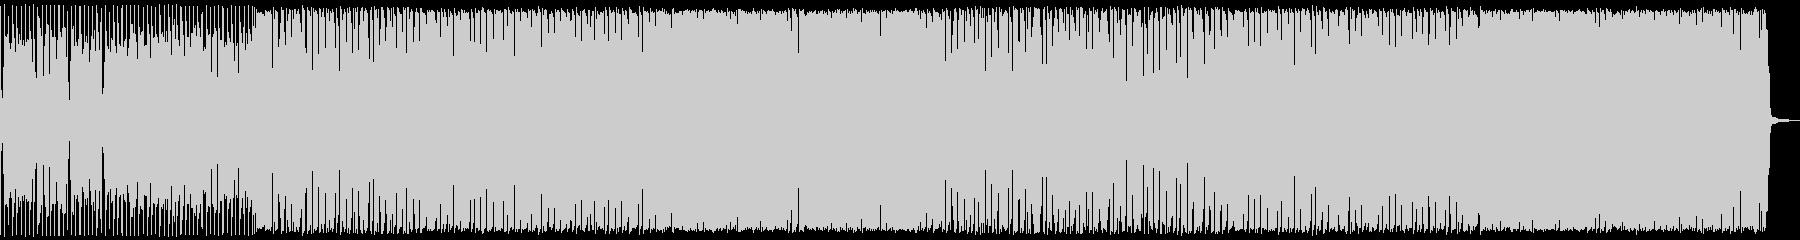 アニメなどの緊迫シーンにシンプルなロックの未再生の波形